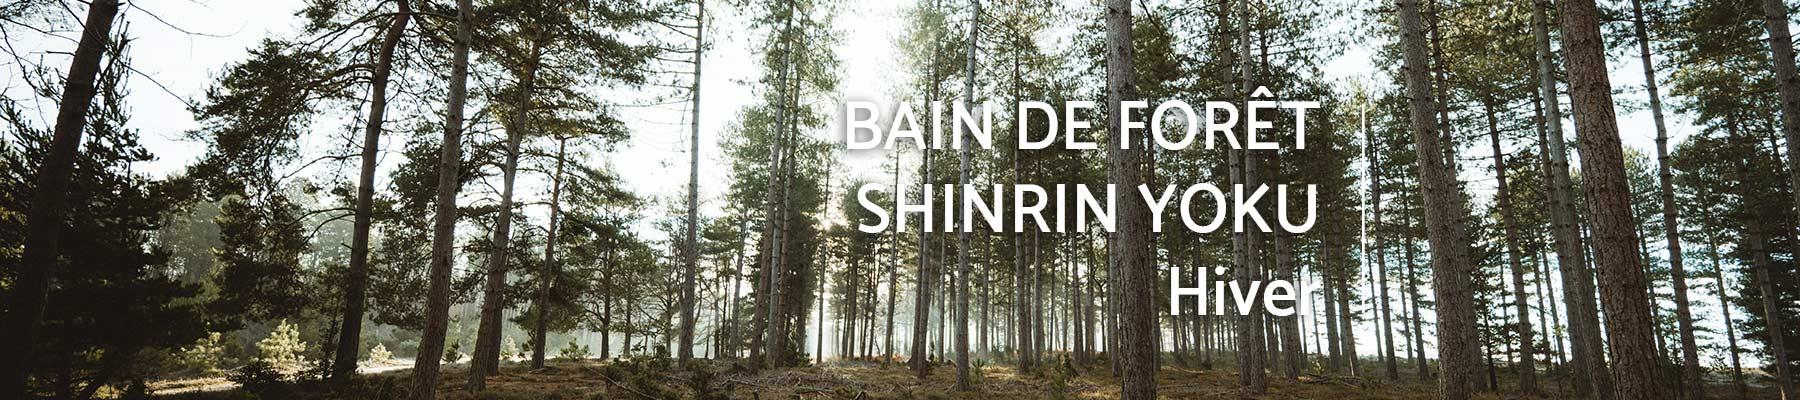 bain-foret-shinrin-yoku-sylvotherapie-caen-calvados-guide-certifie-hiver